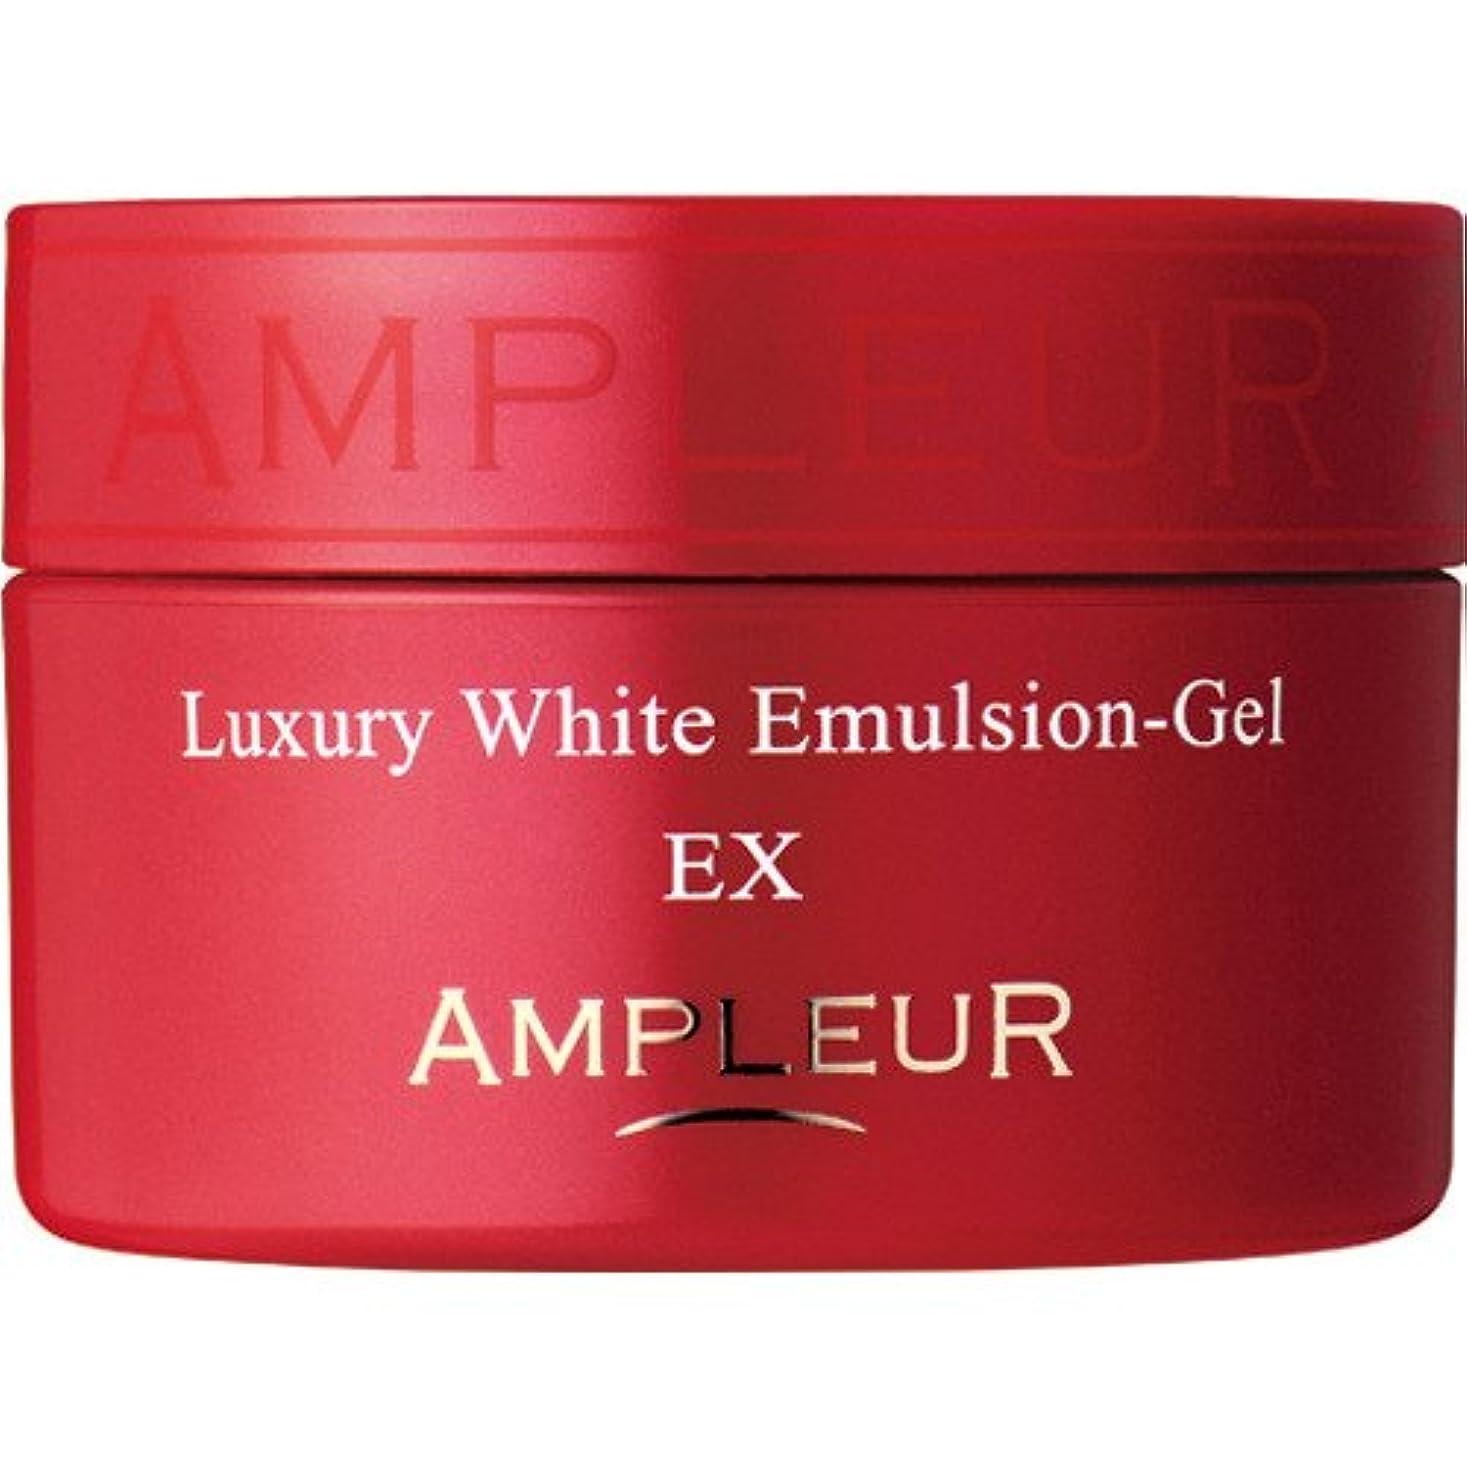 ドライ定義するコーナーAMPLEUR(アンプルール) ラグジュアリーホワイト エマルジョンゲルEX 50g